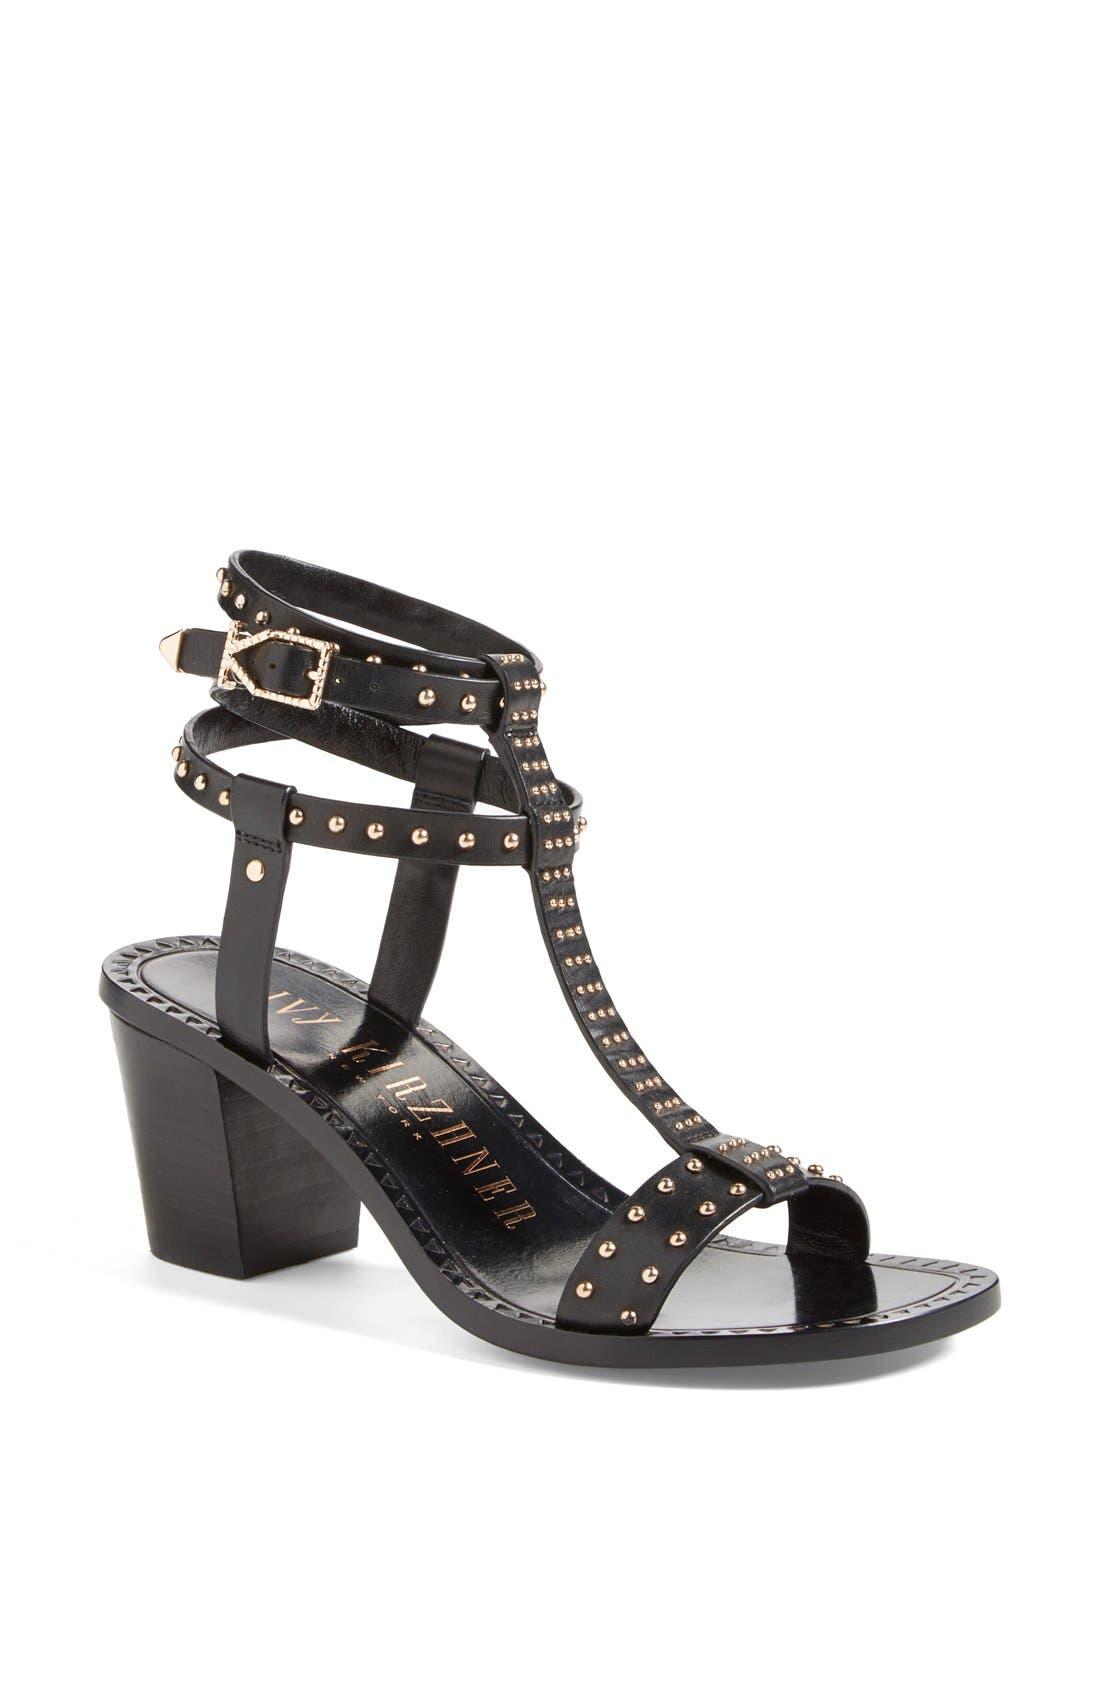 Alternate Image 1 Selected - Ivy Kirzhner 'Olympian' Sandal